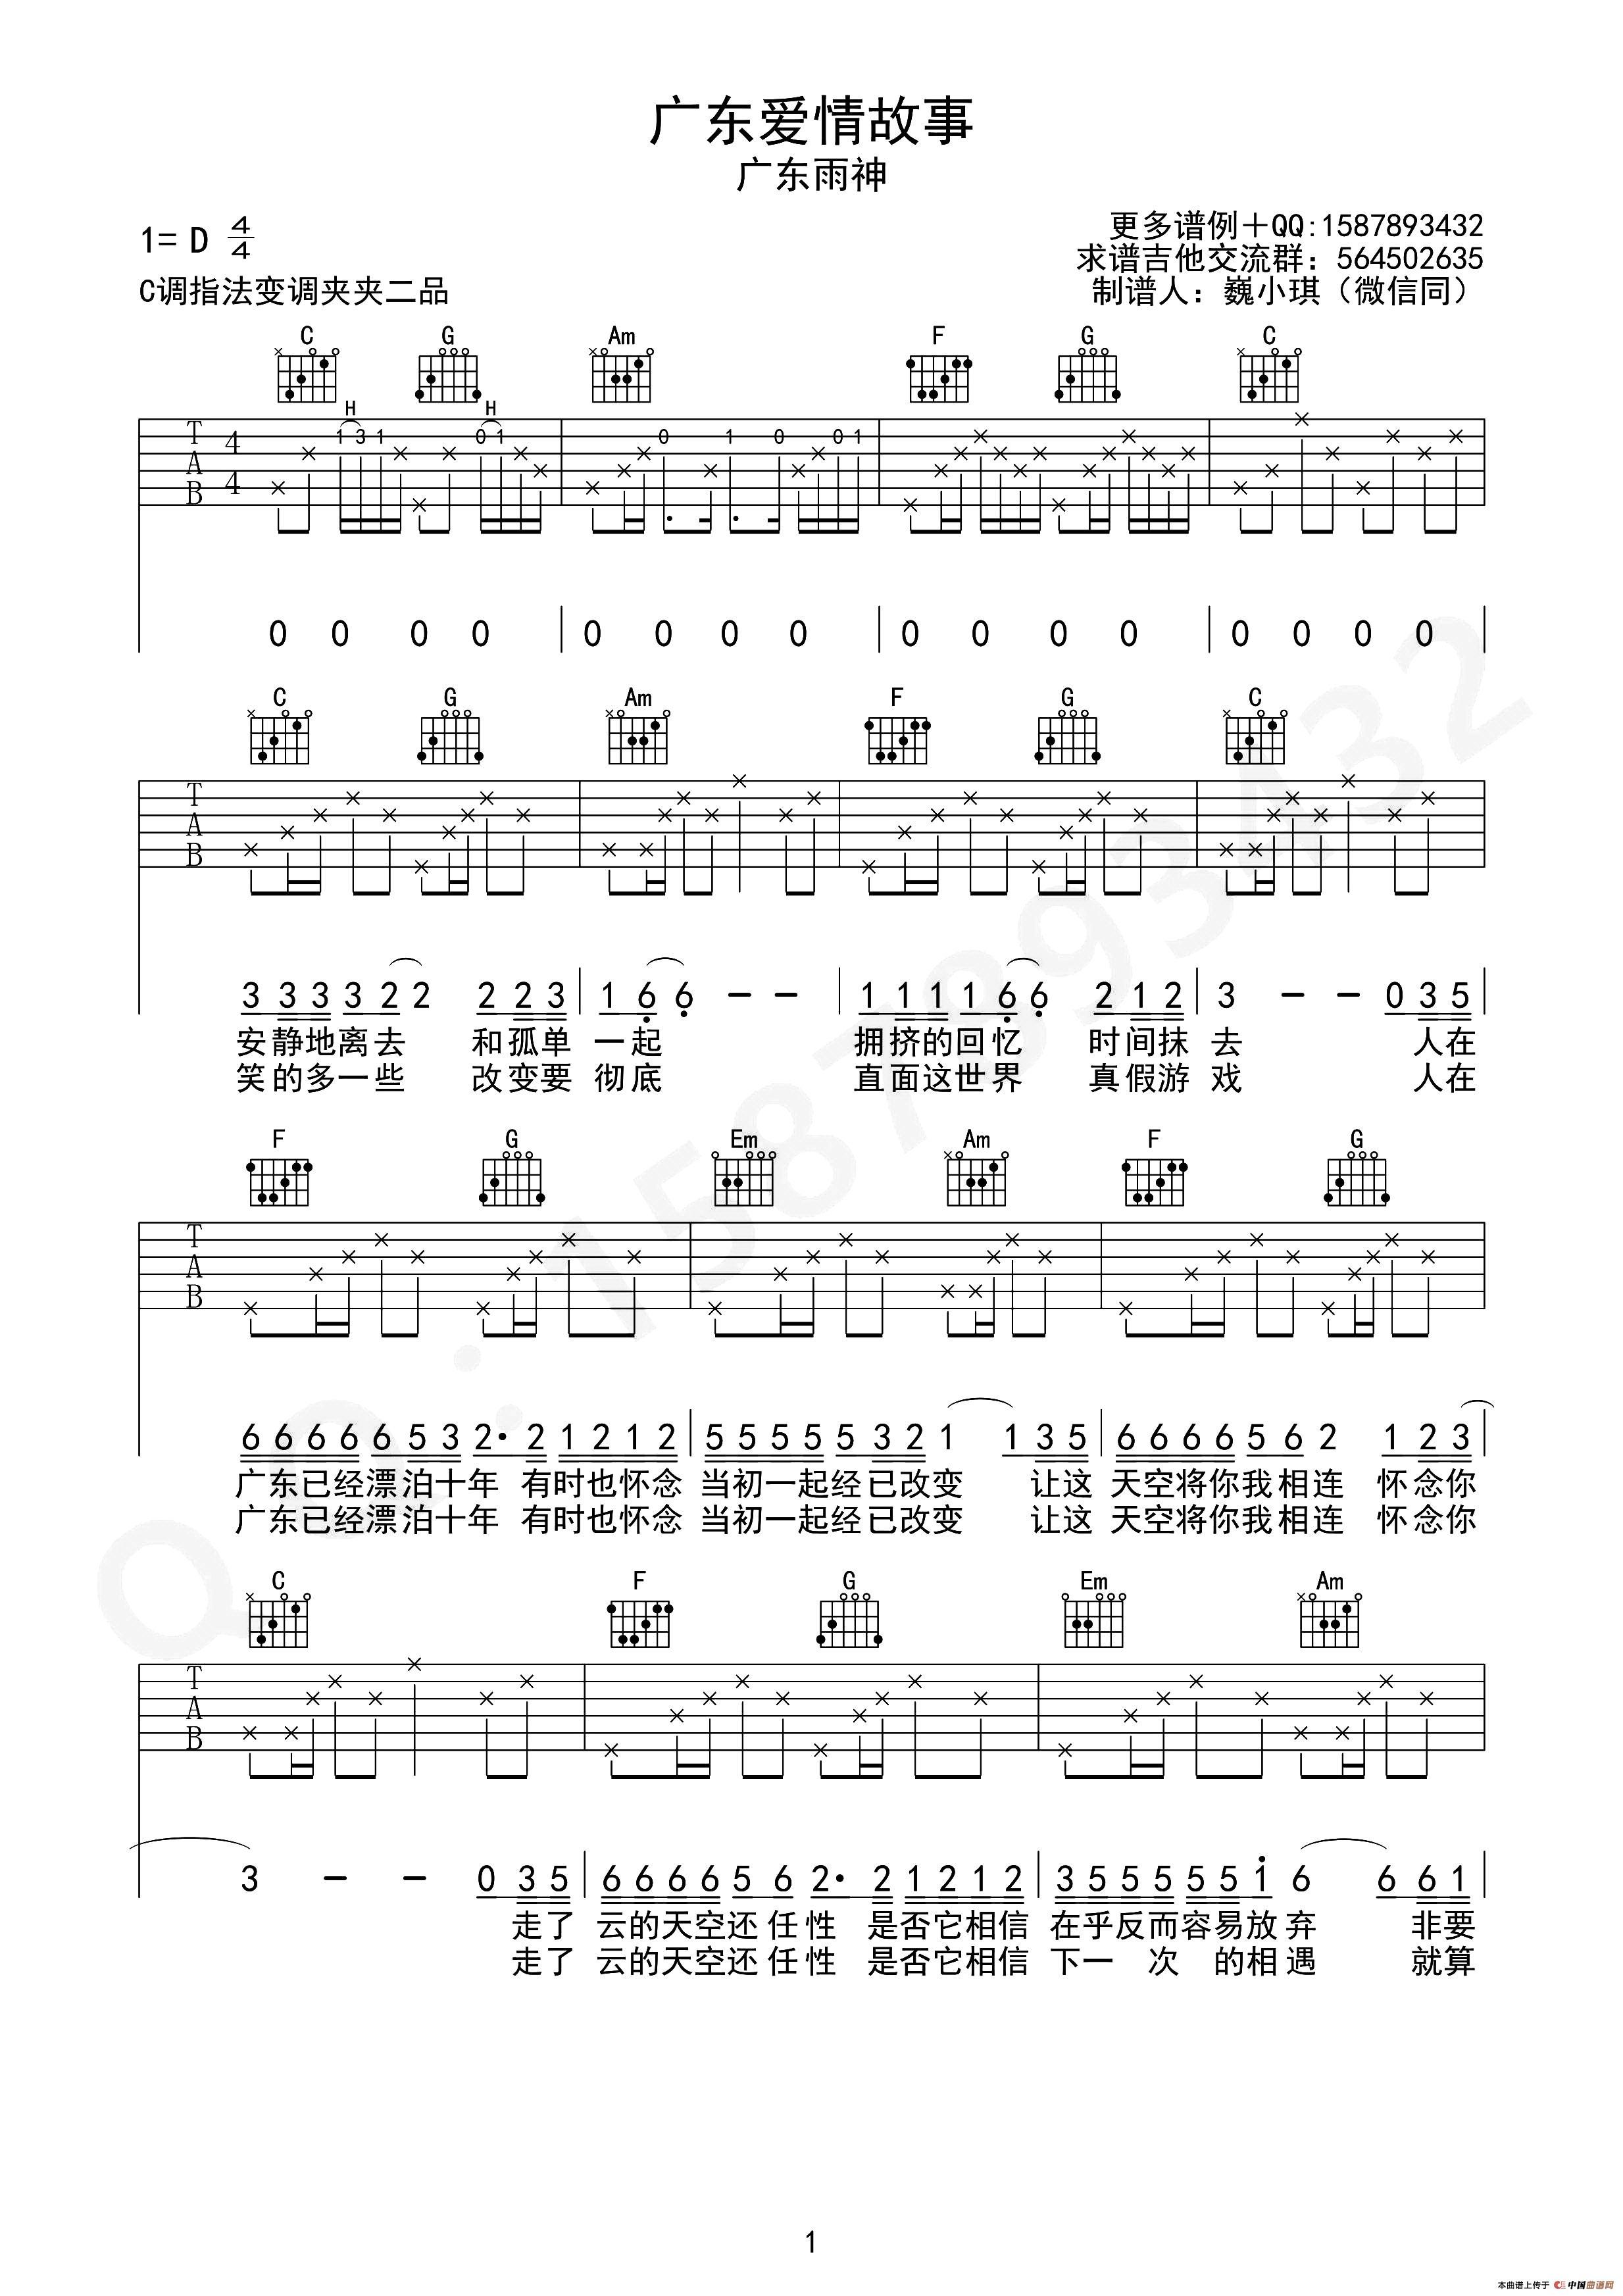 广东十年爱情故事(吉他六线谱)(1)_原文件名:1.jpg